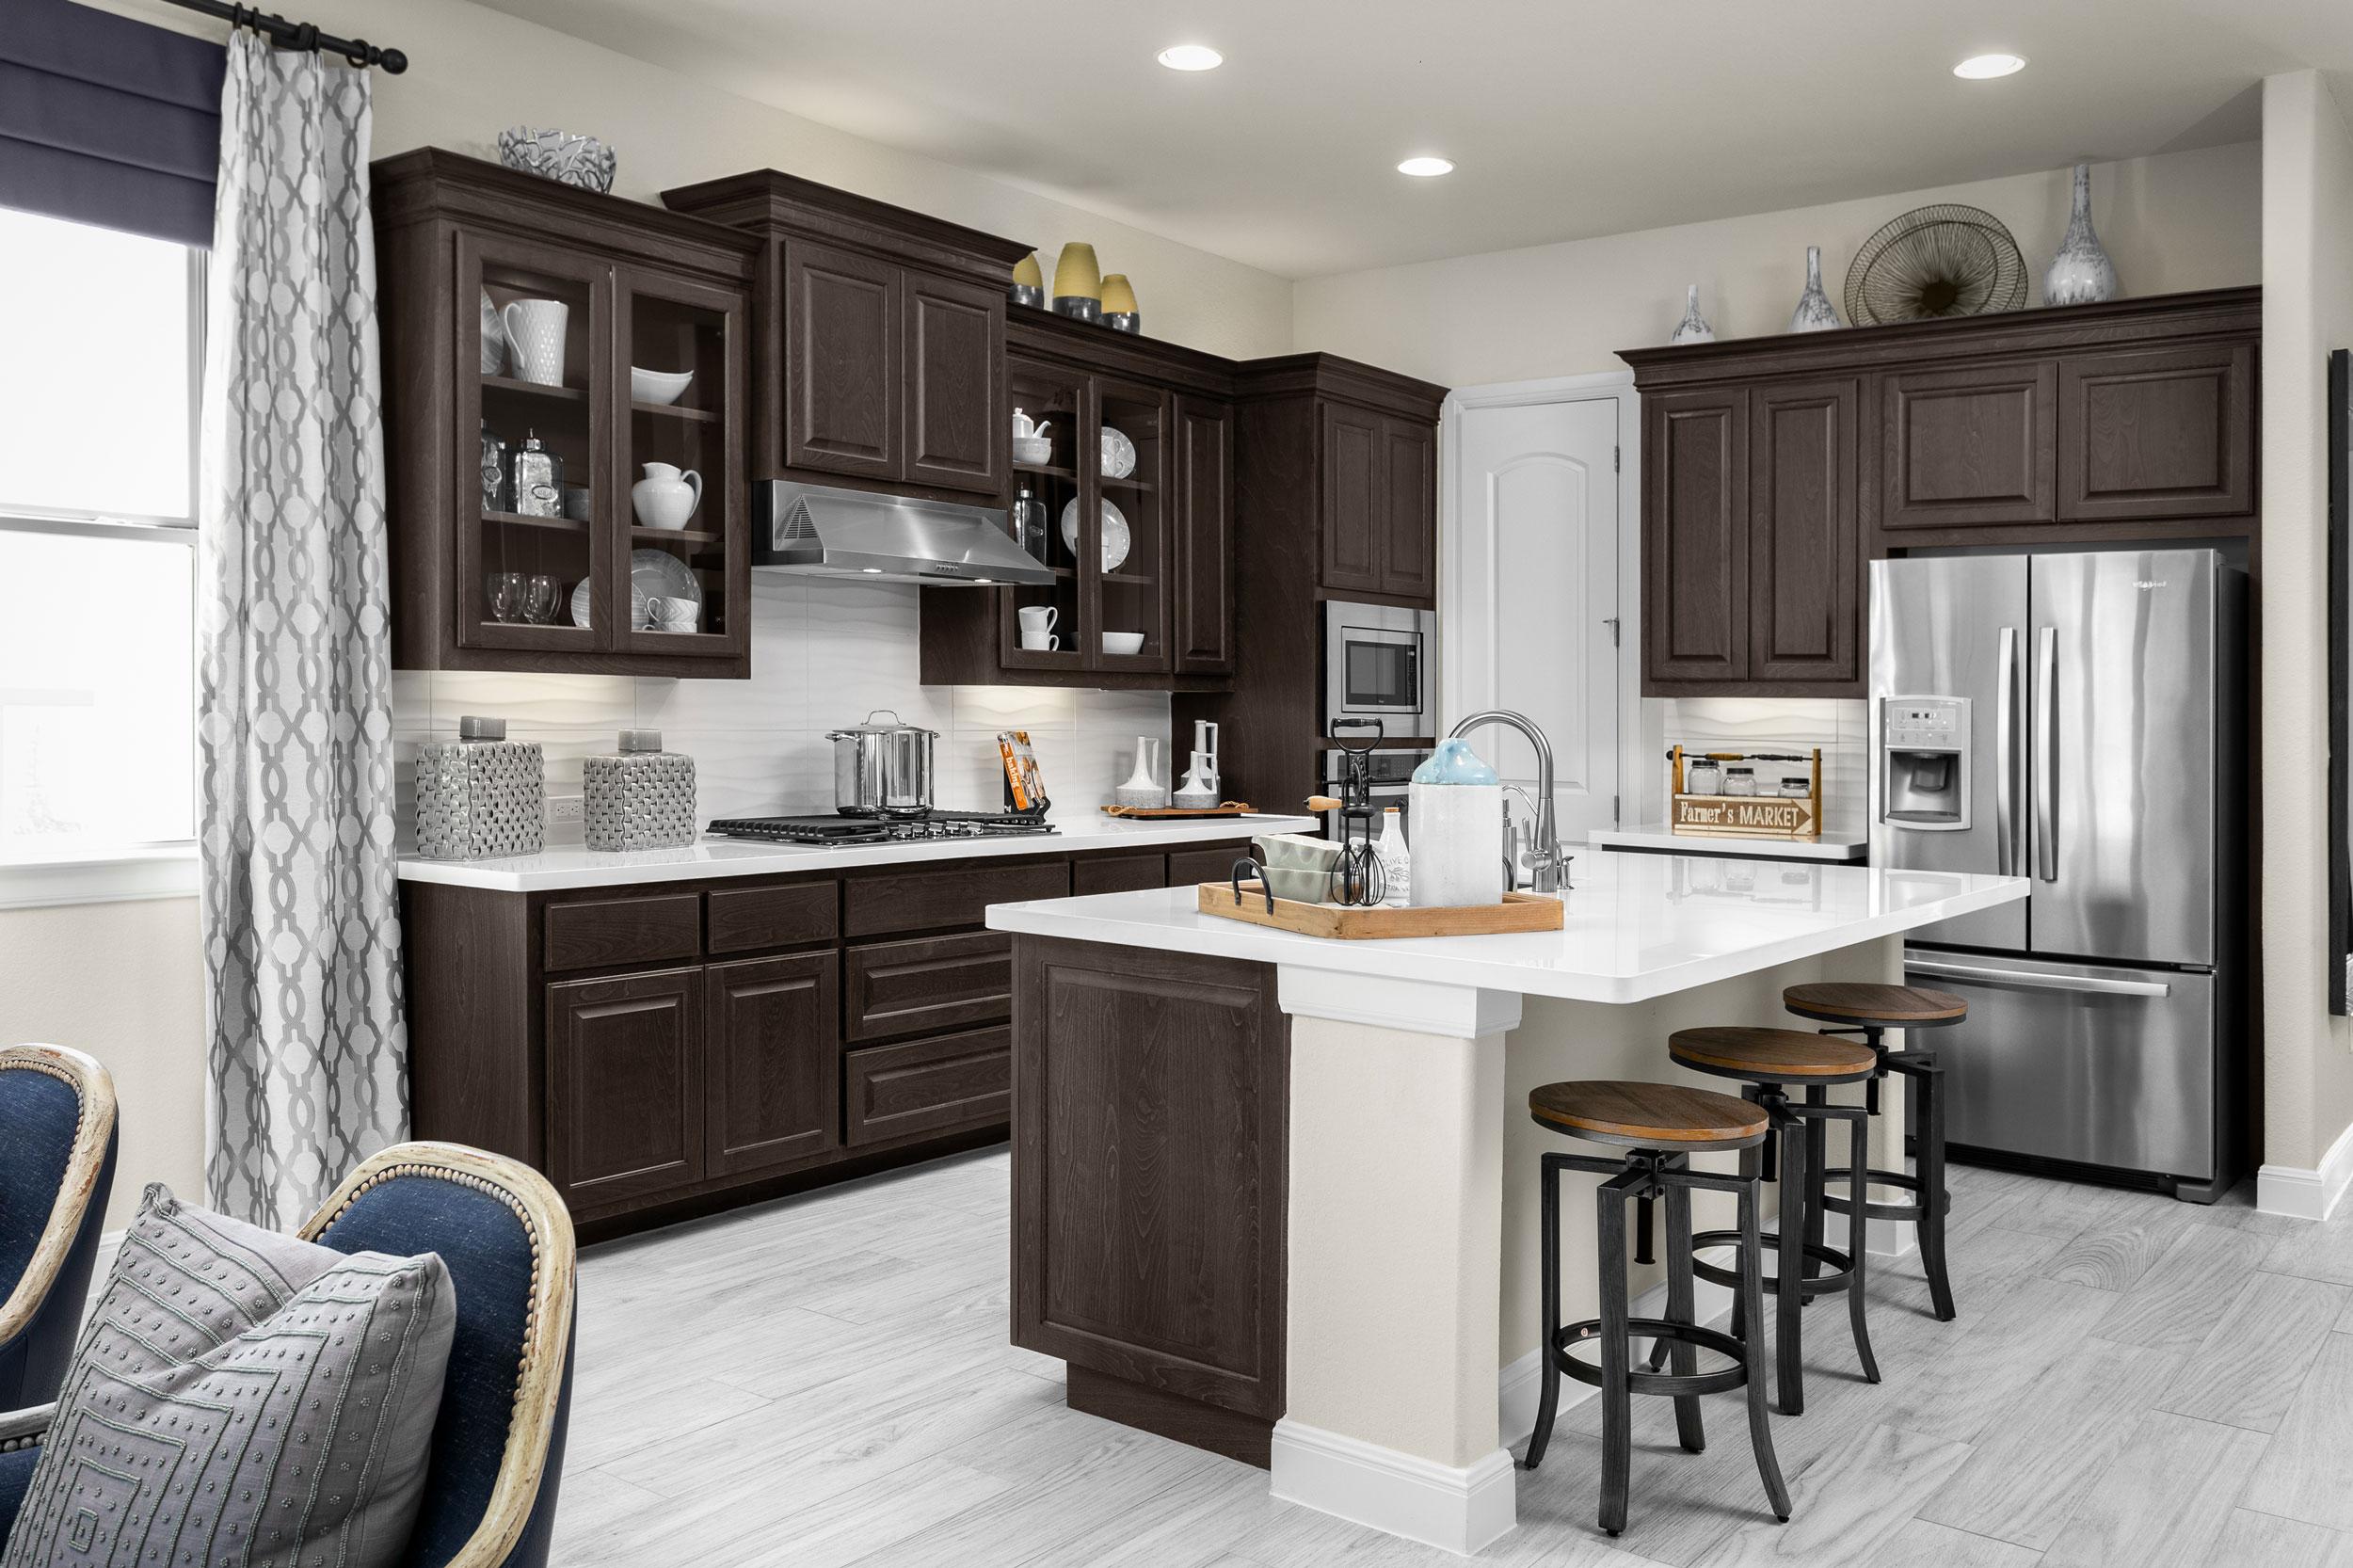 kitchen-design-dark-cabinets.jpg